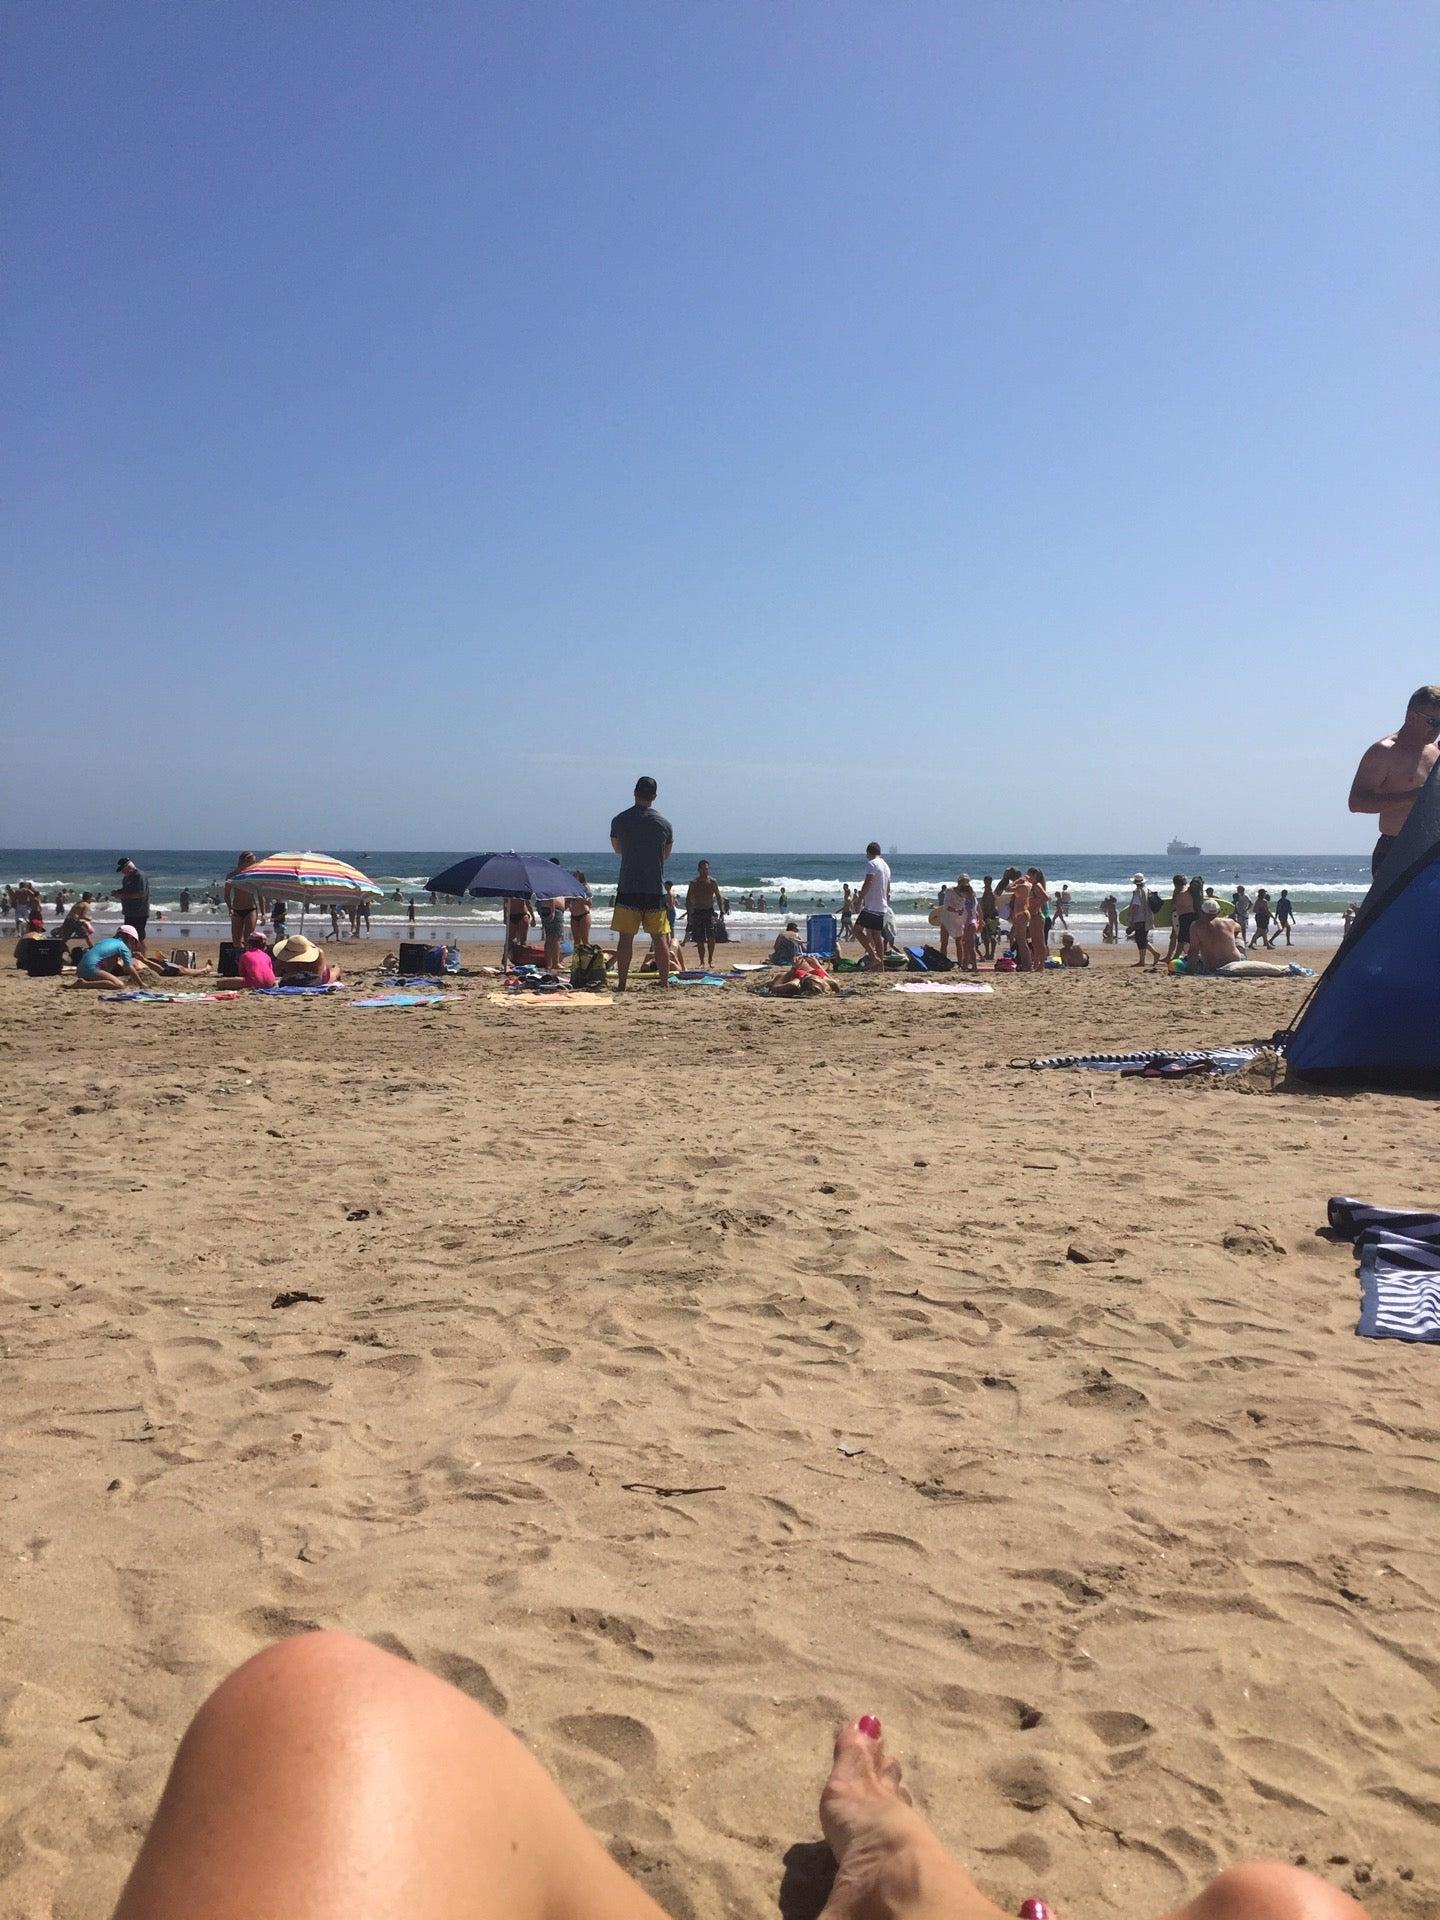 uShaka Beach